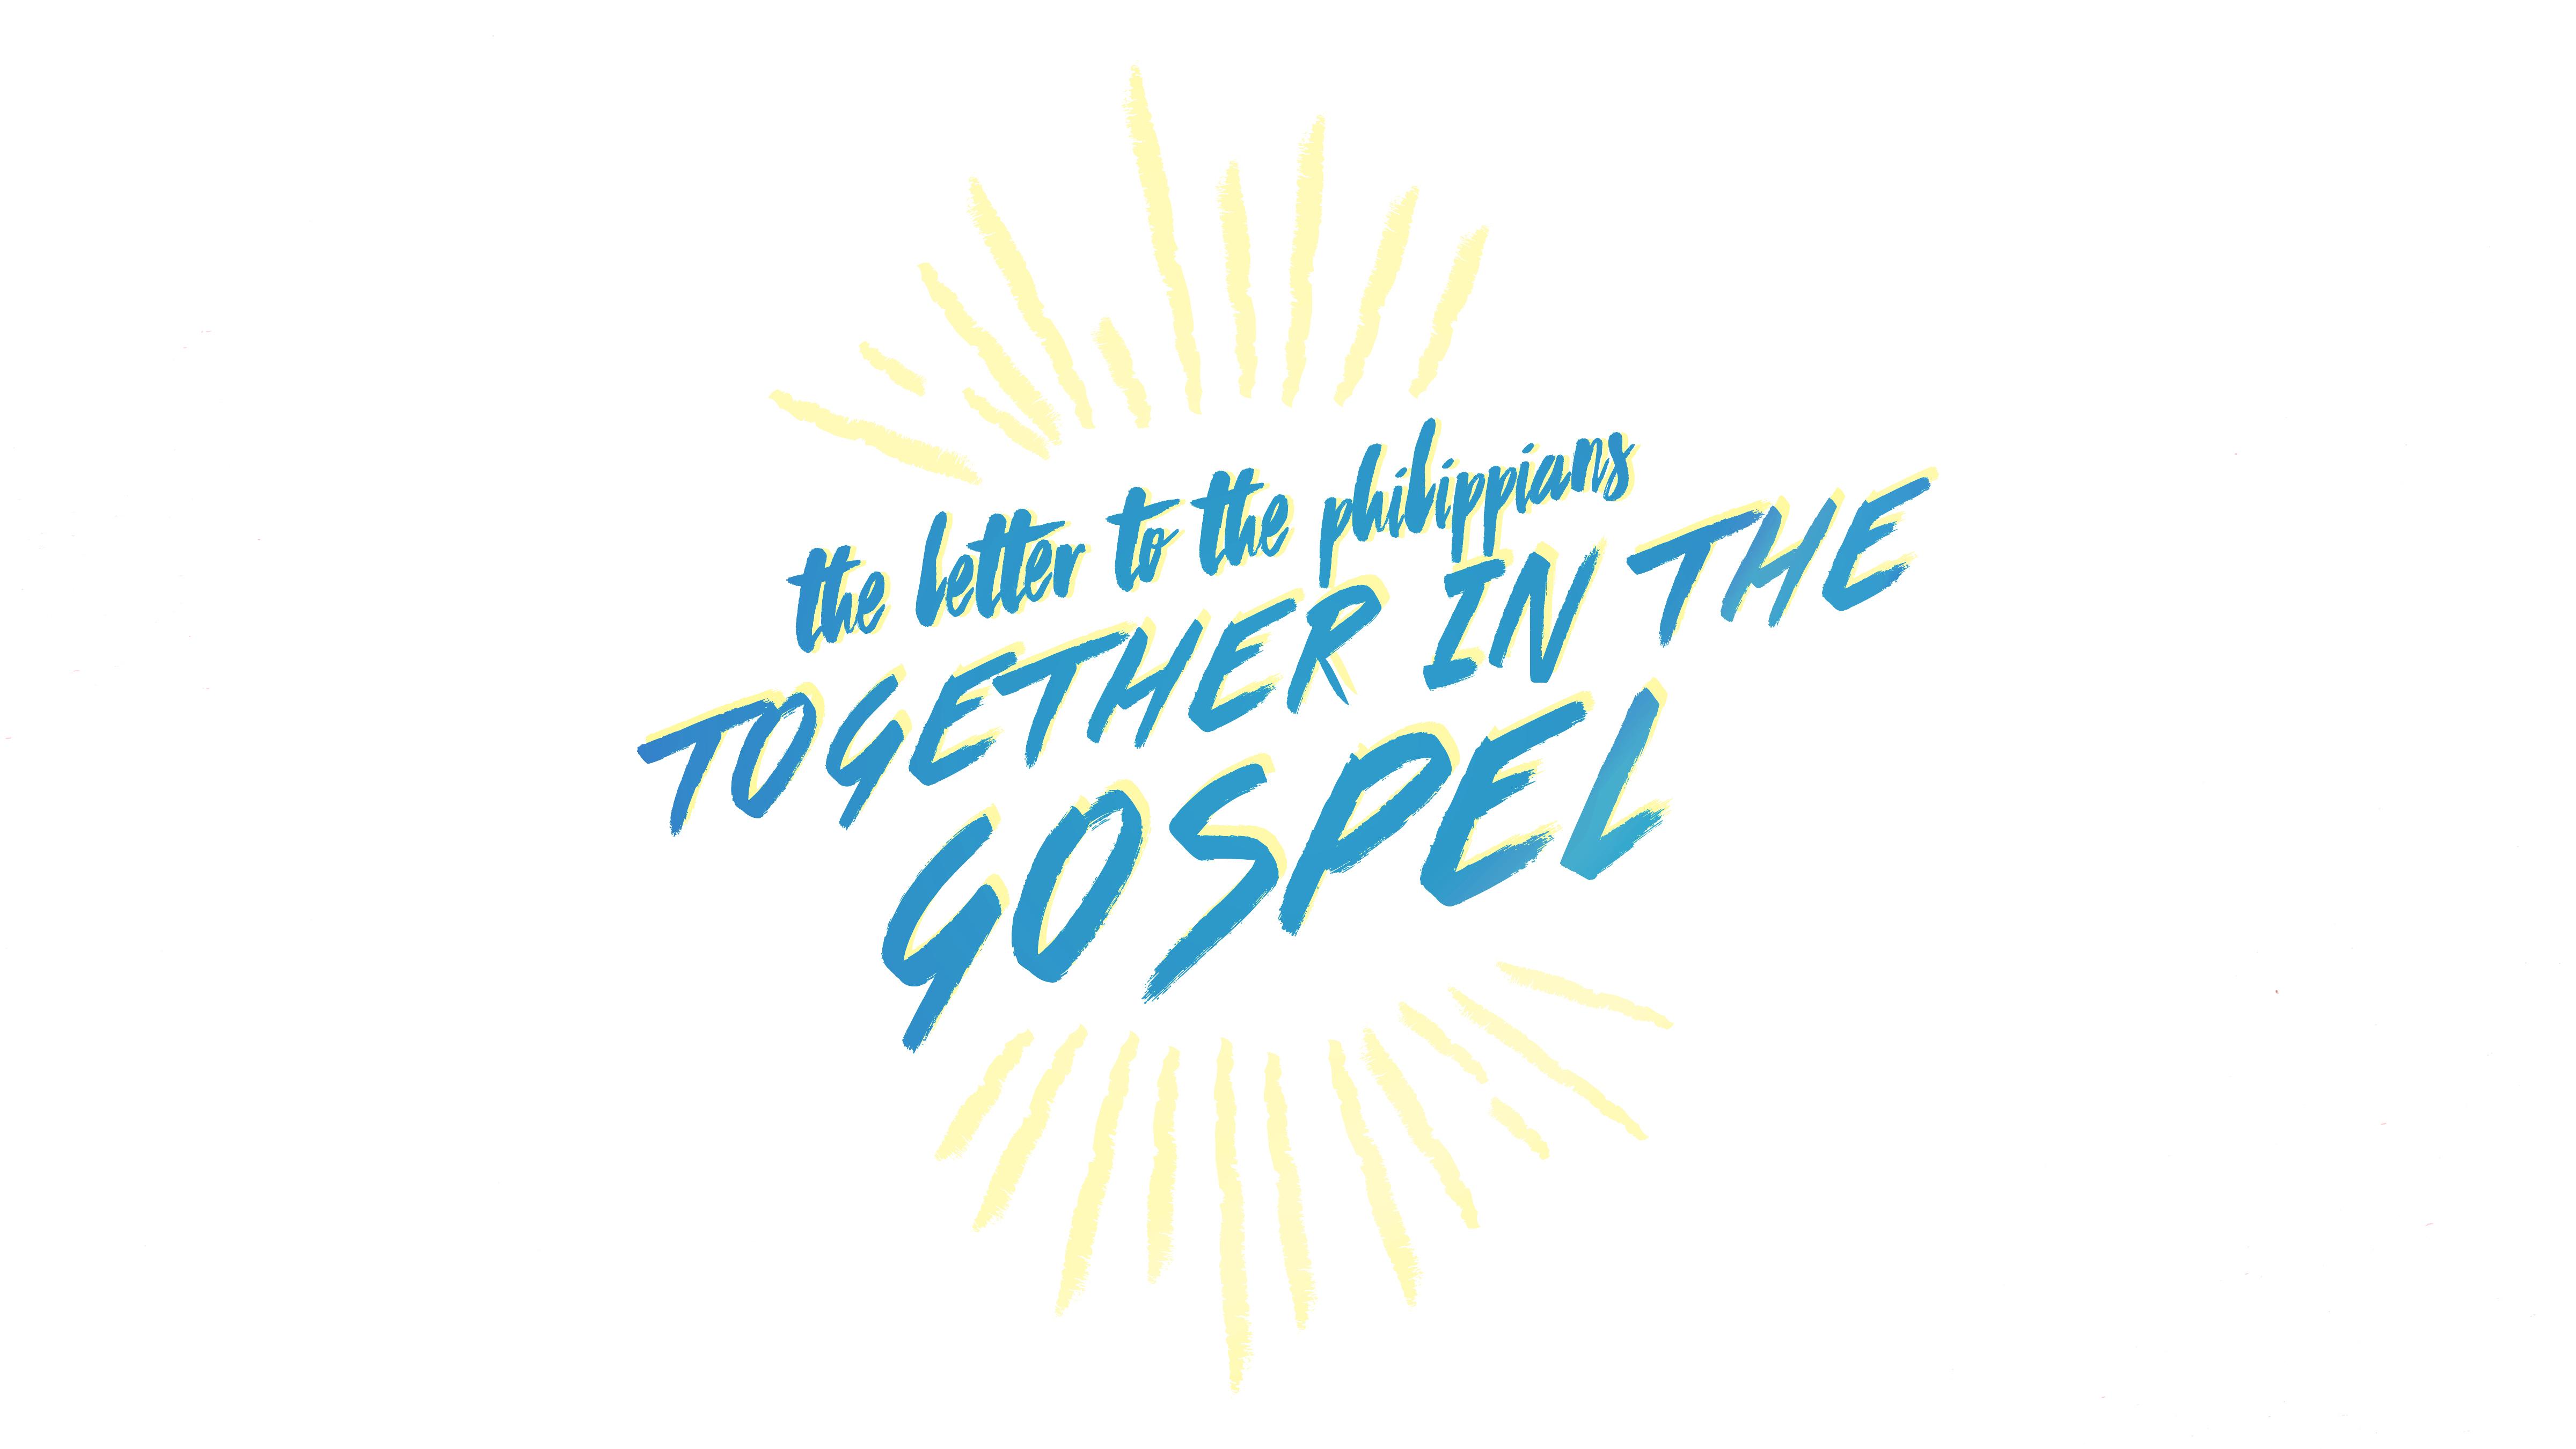 Philippians 3:4-11